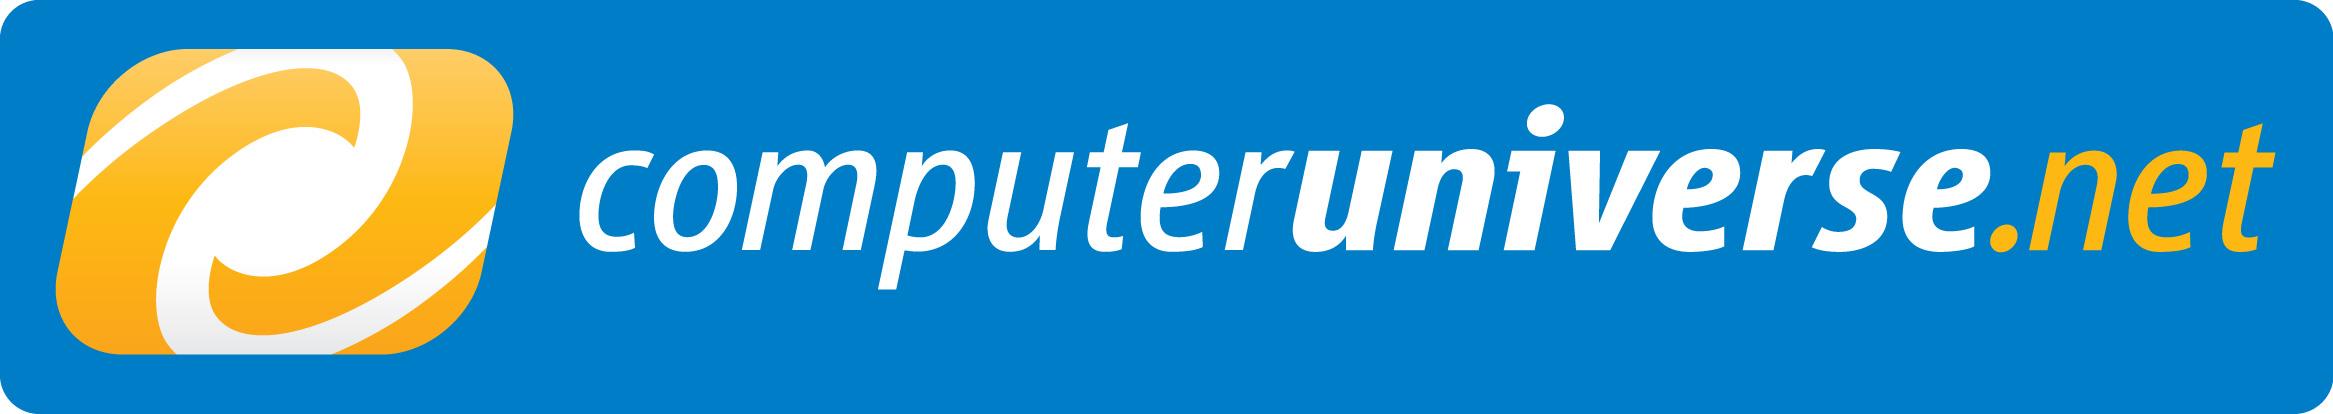 cu_logo_4c_blau.jpg